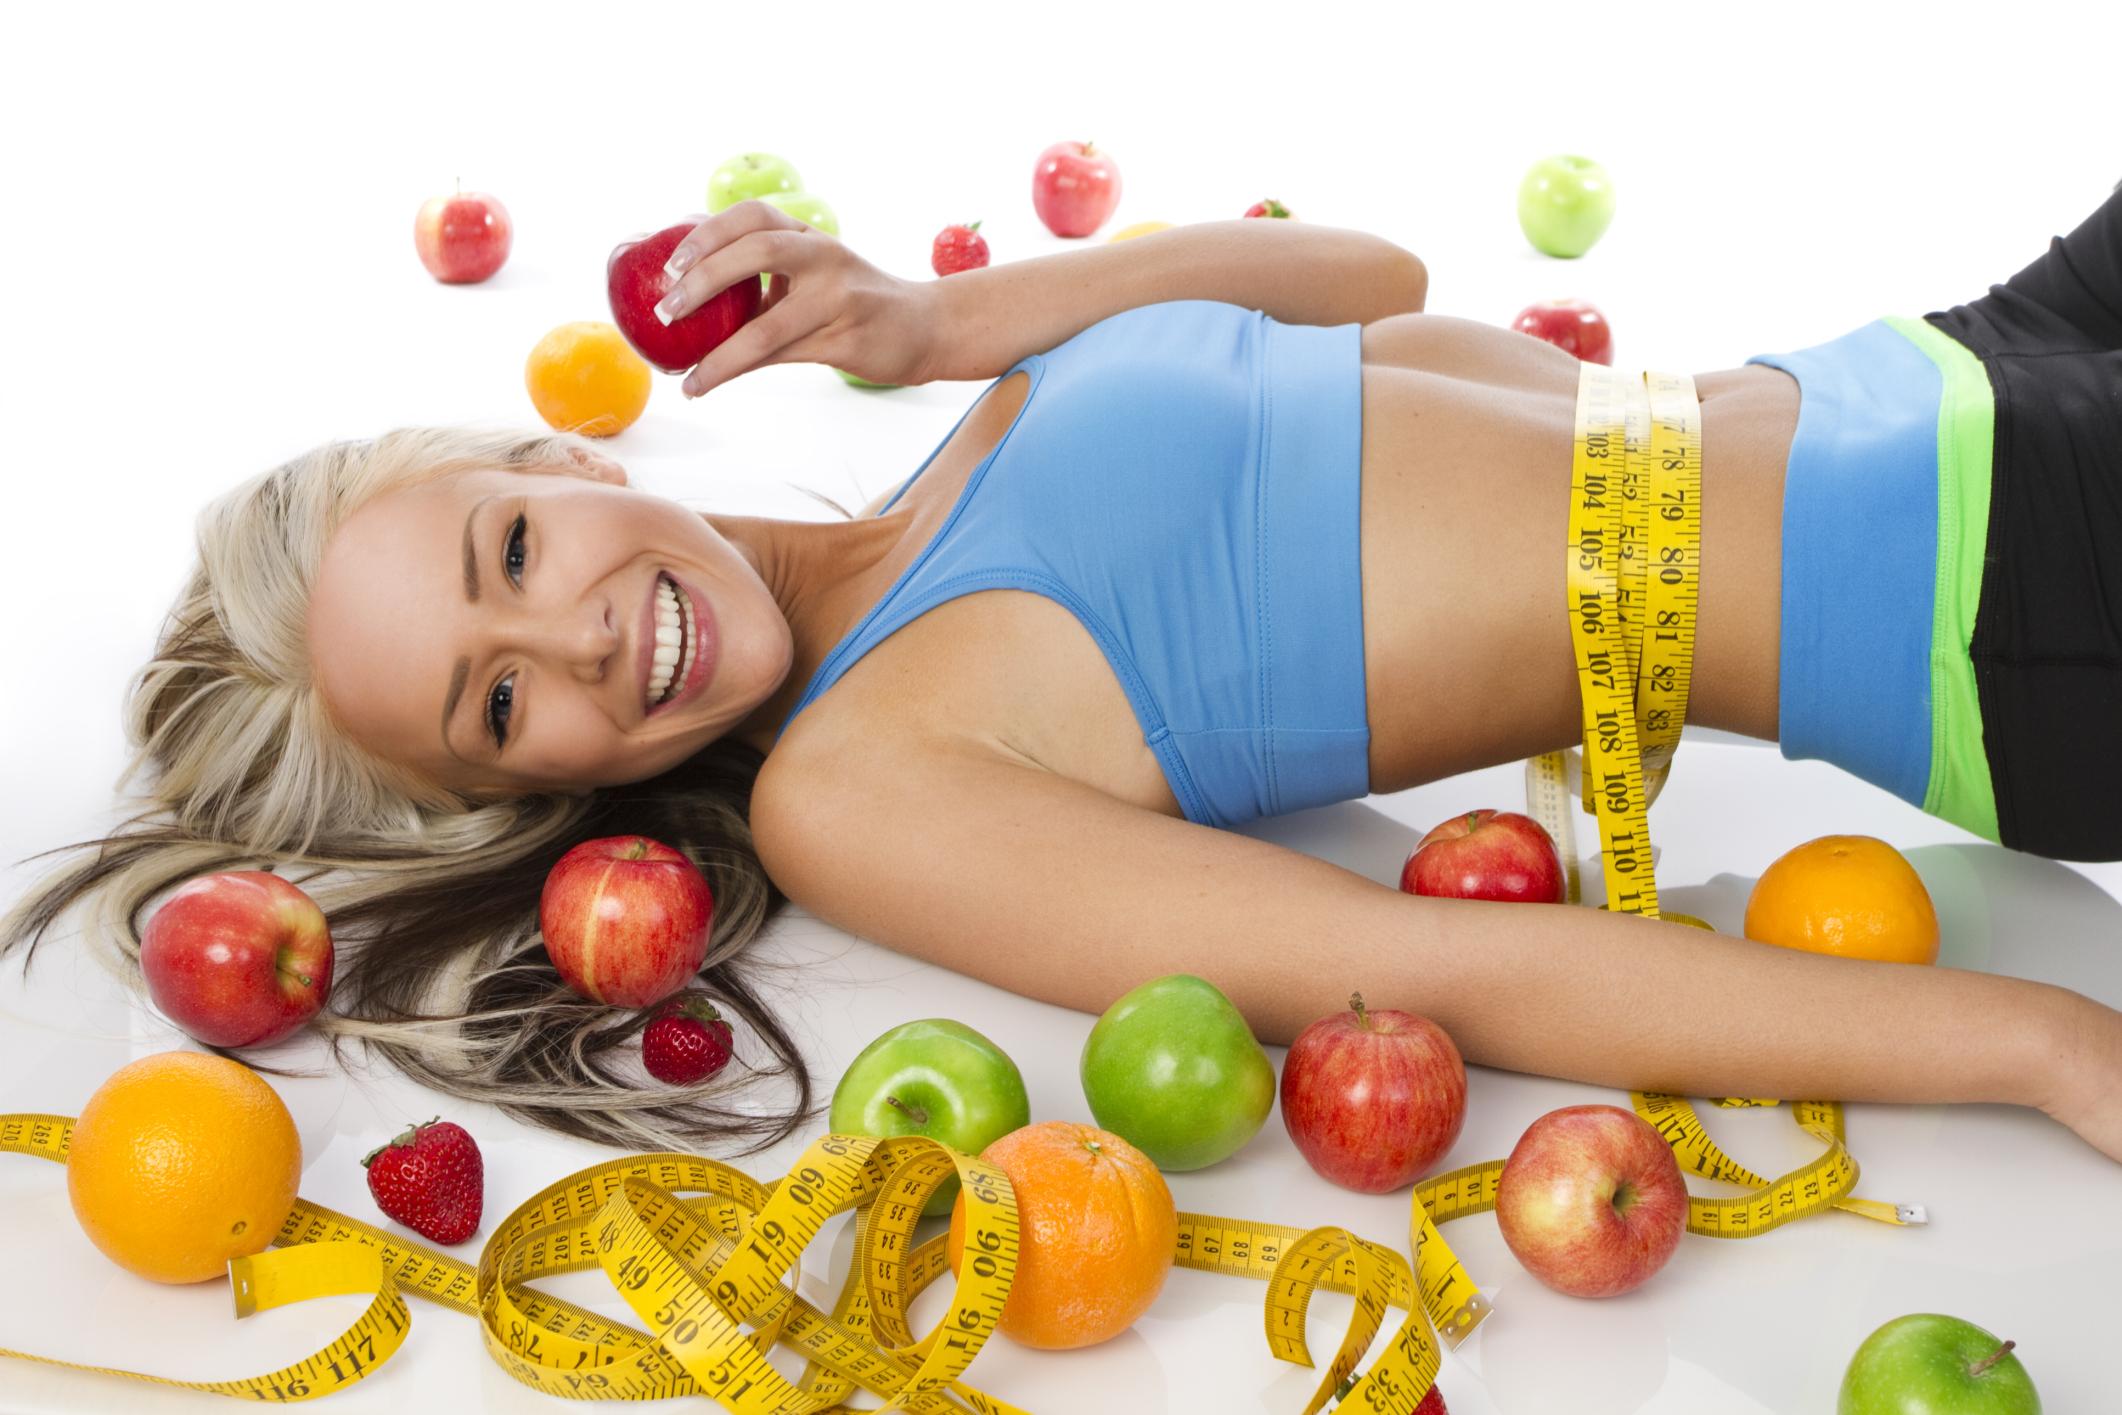 Похудеть Советы Женщин. Самые действенные советы для похудения на каждый день для женщин